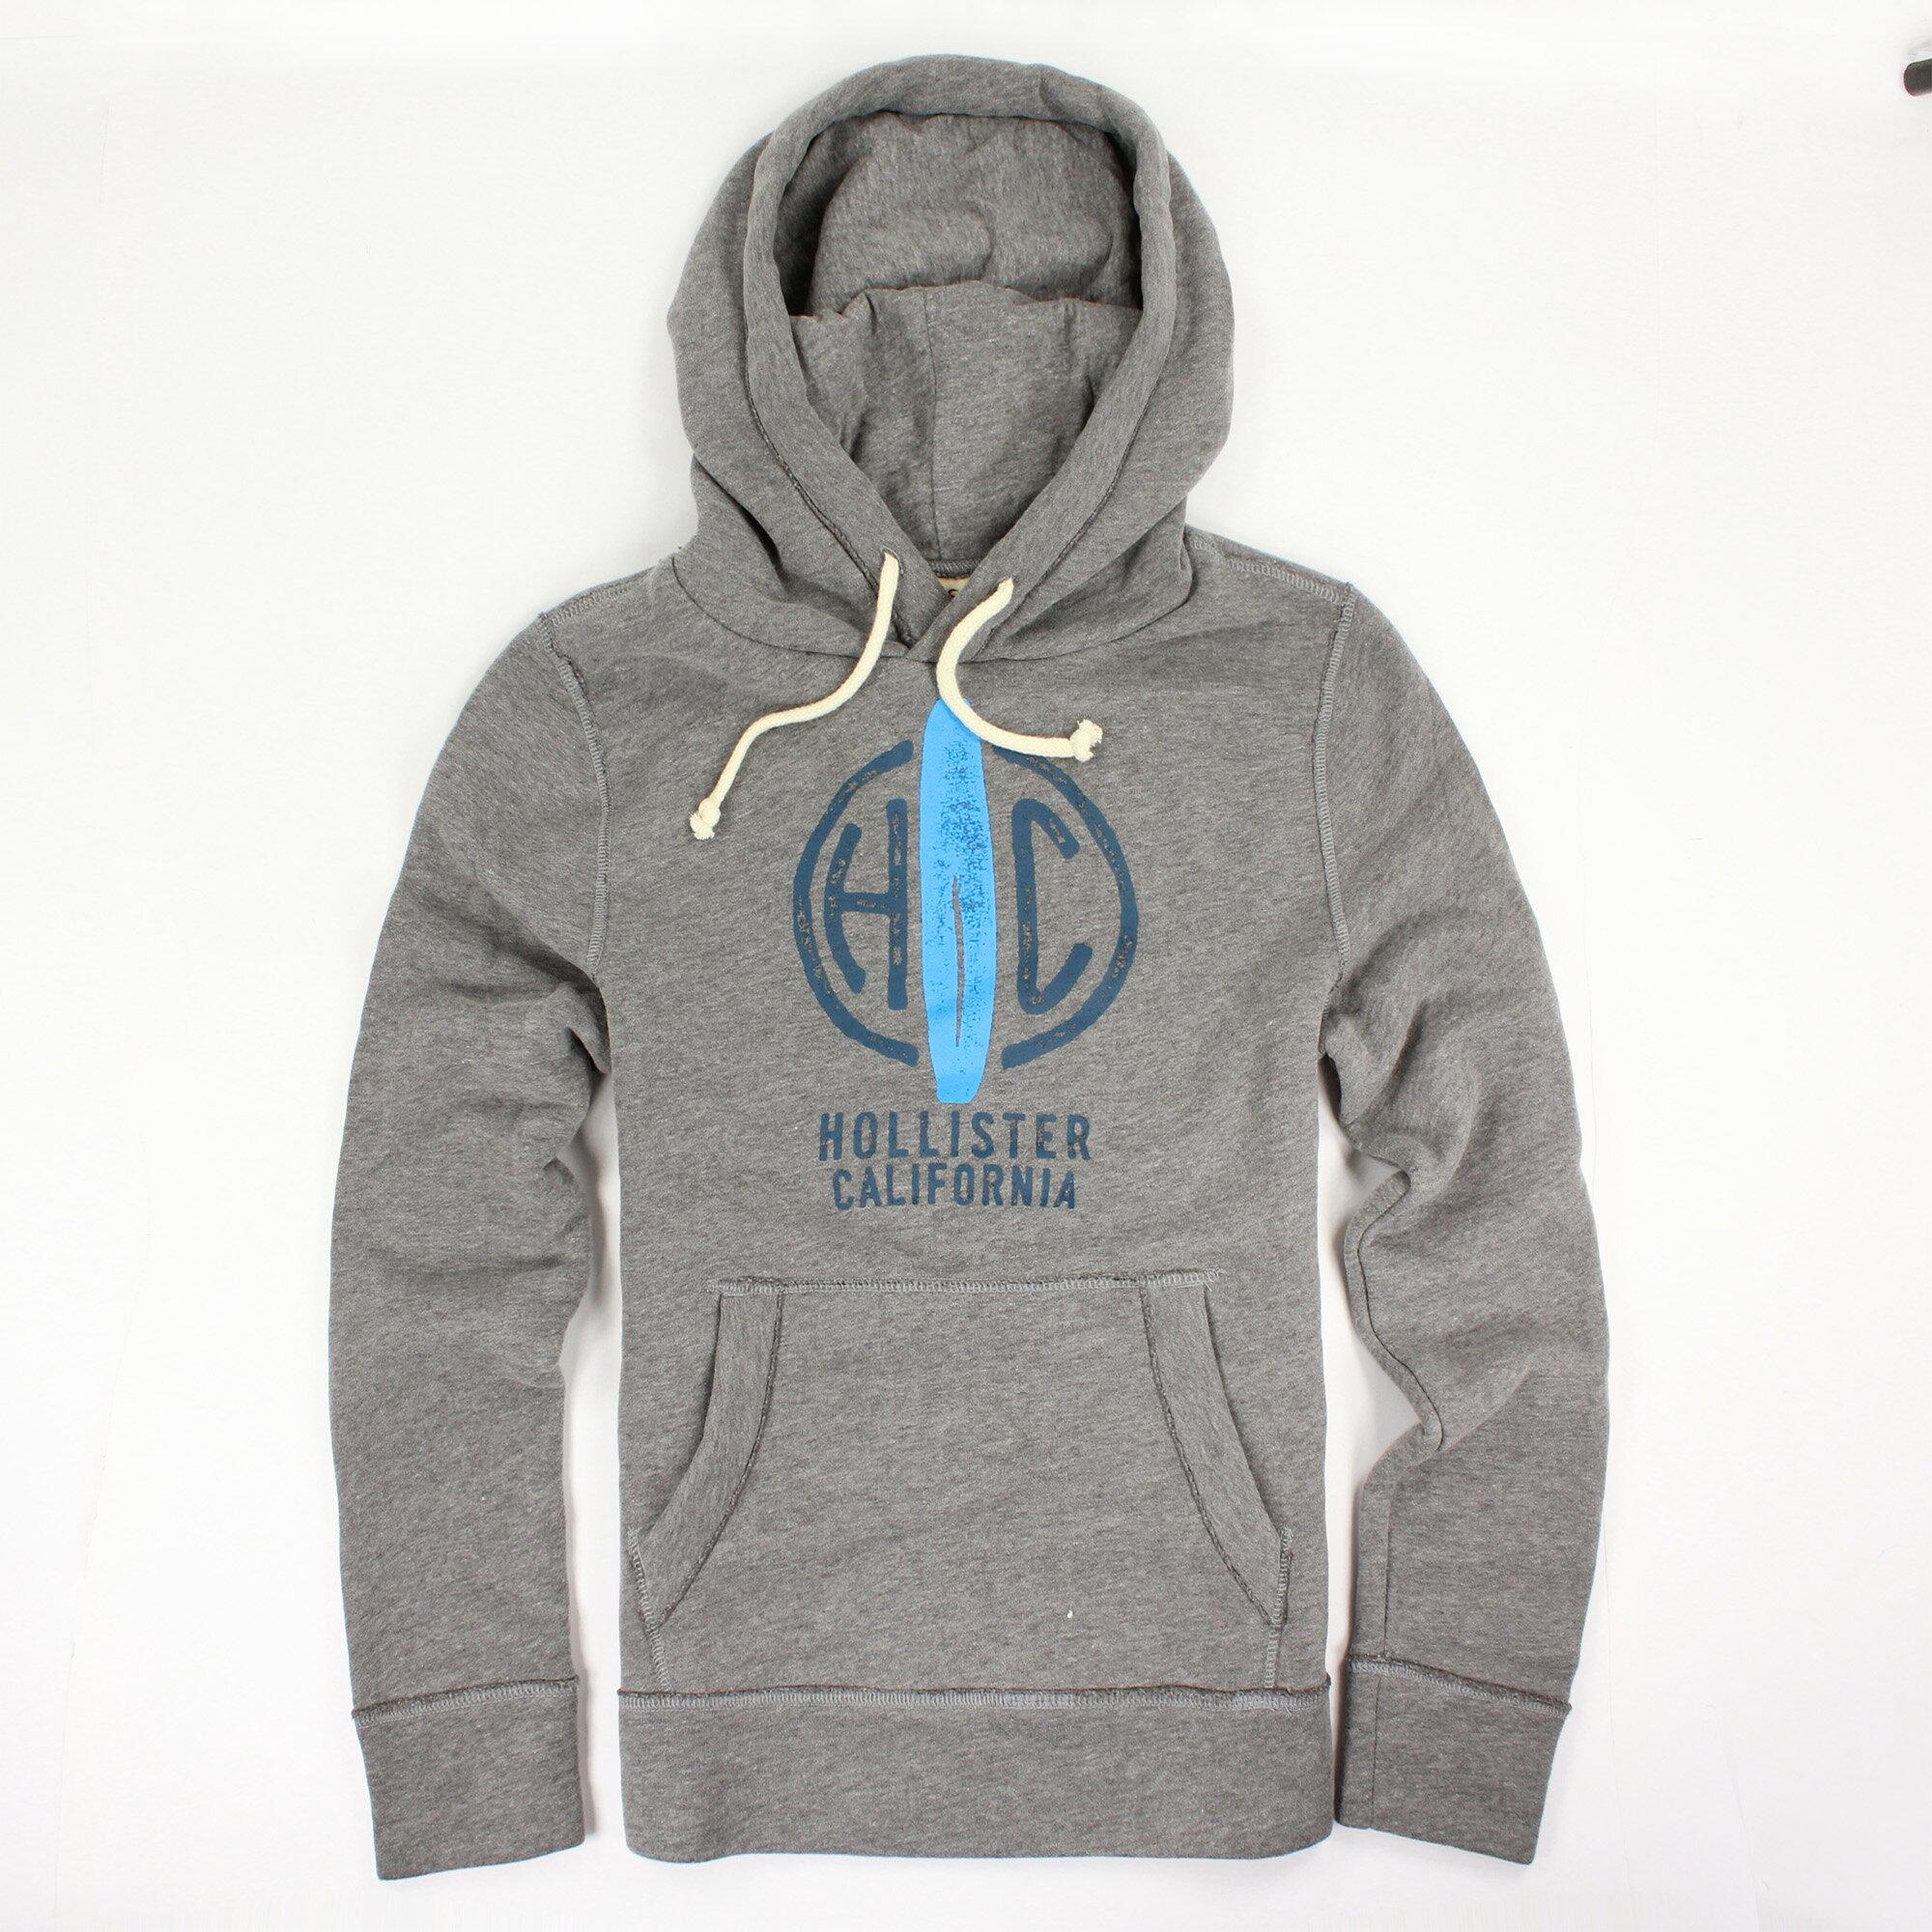 美國百分百【全新真品】Hollister Co. T恤 HCO 長袖 T-shirt 海鷗 連帽 S號 灰色 E305